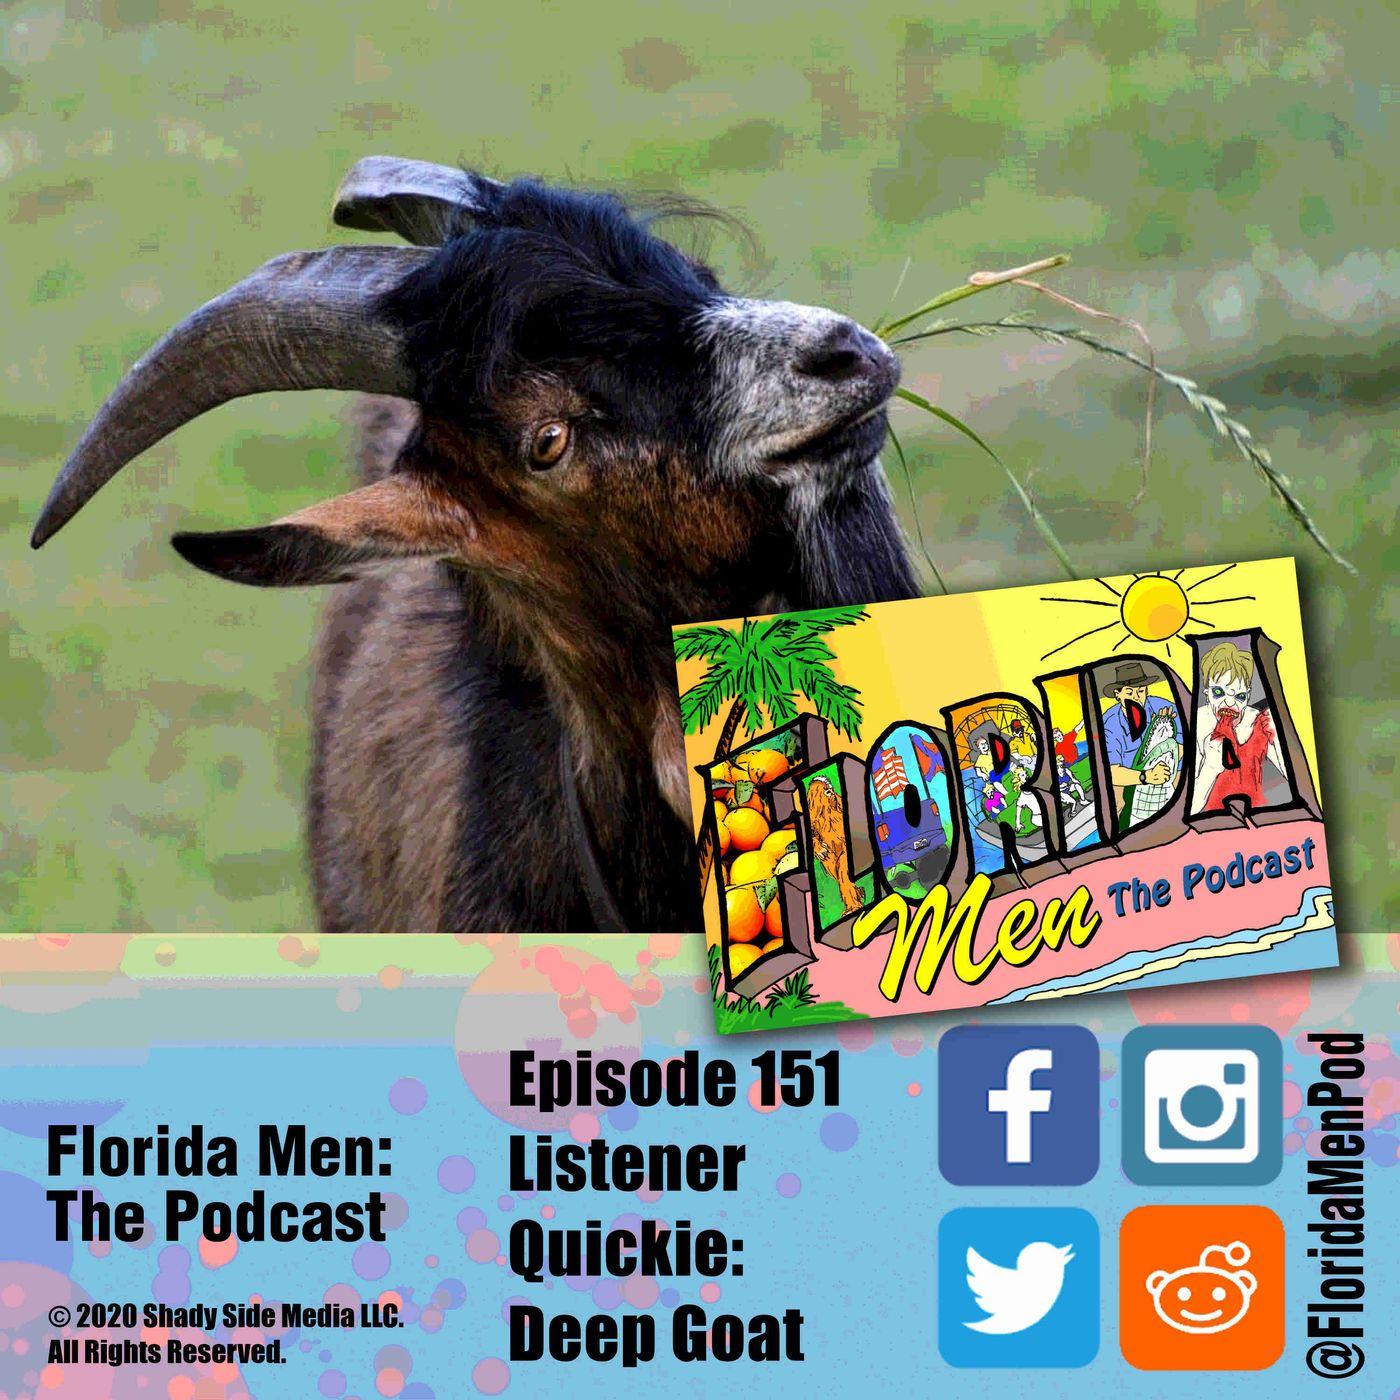 151 - Listener Quickie: Deep Goat